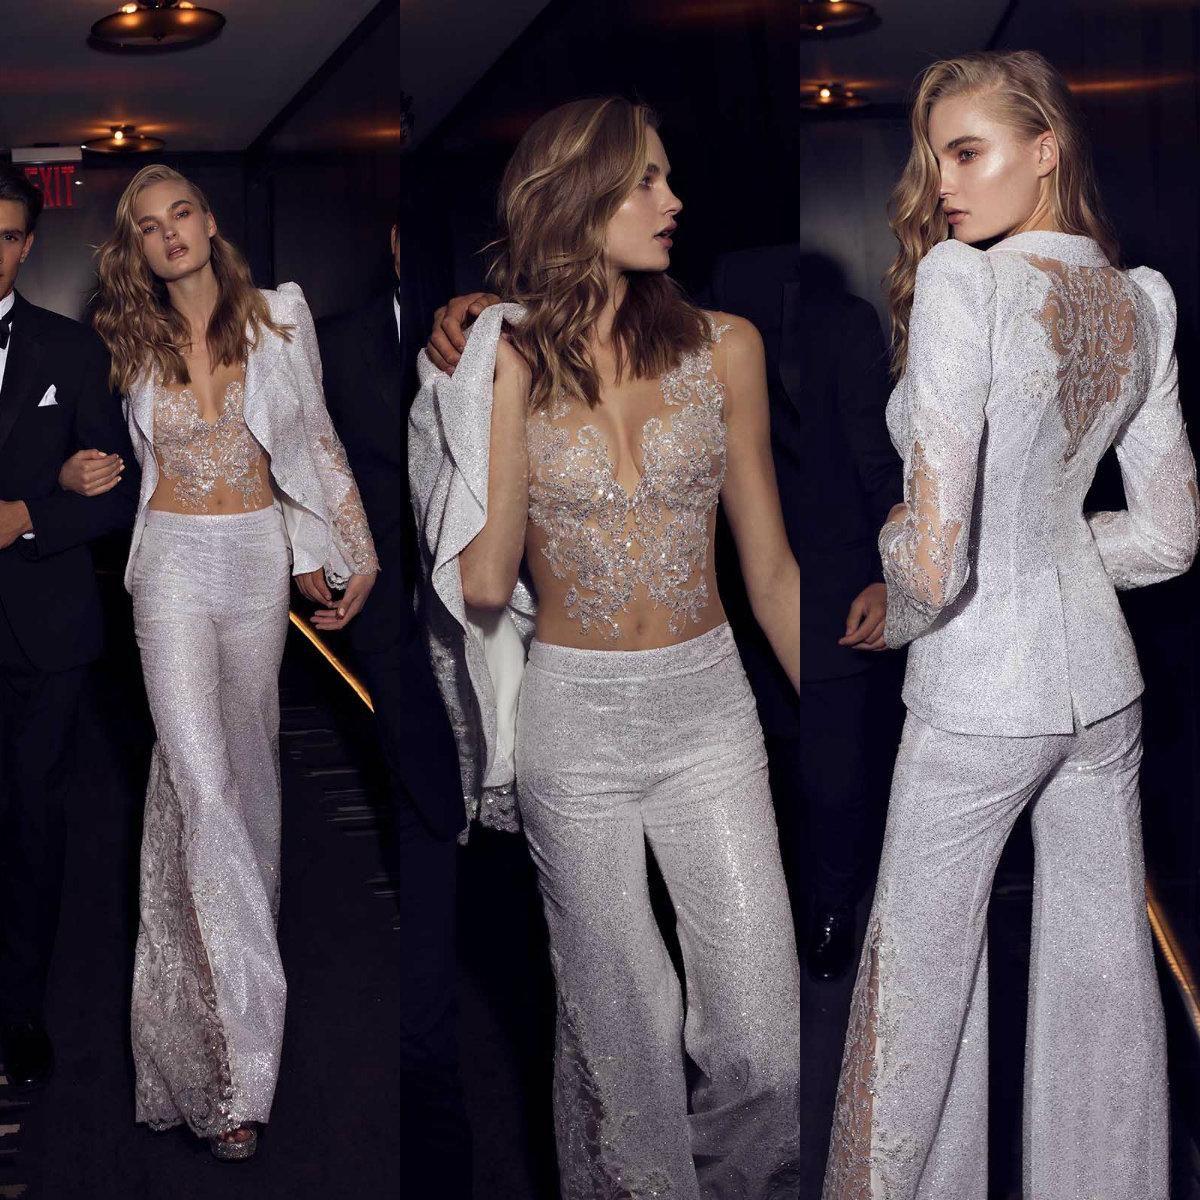 Großhandel Zuhair Murad Jumpsuits Kleider Abend Wear Event Kleider Mit  Jacke Vestidos De Fiesta Spitze Appliqued Mit V Ausschnitt Pailletten